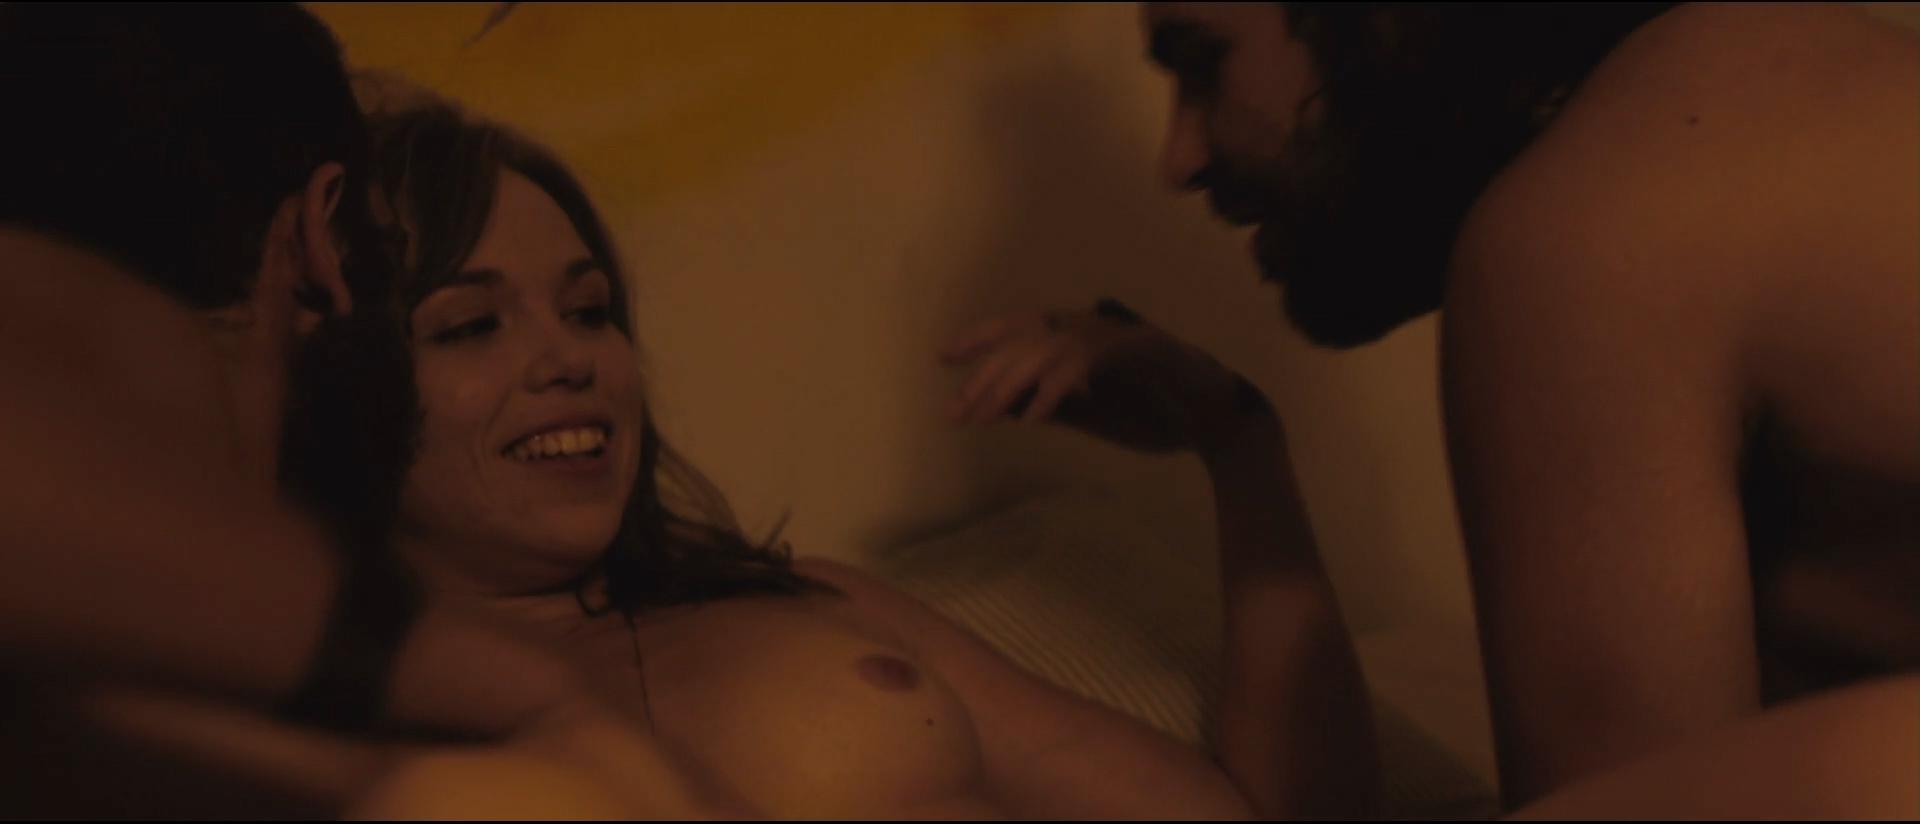 Actress full hq porn pics